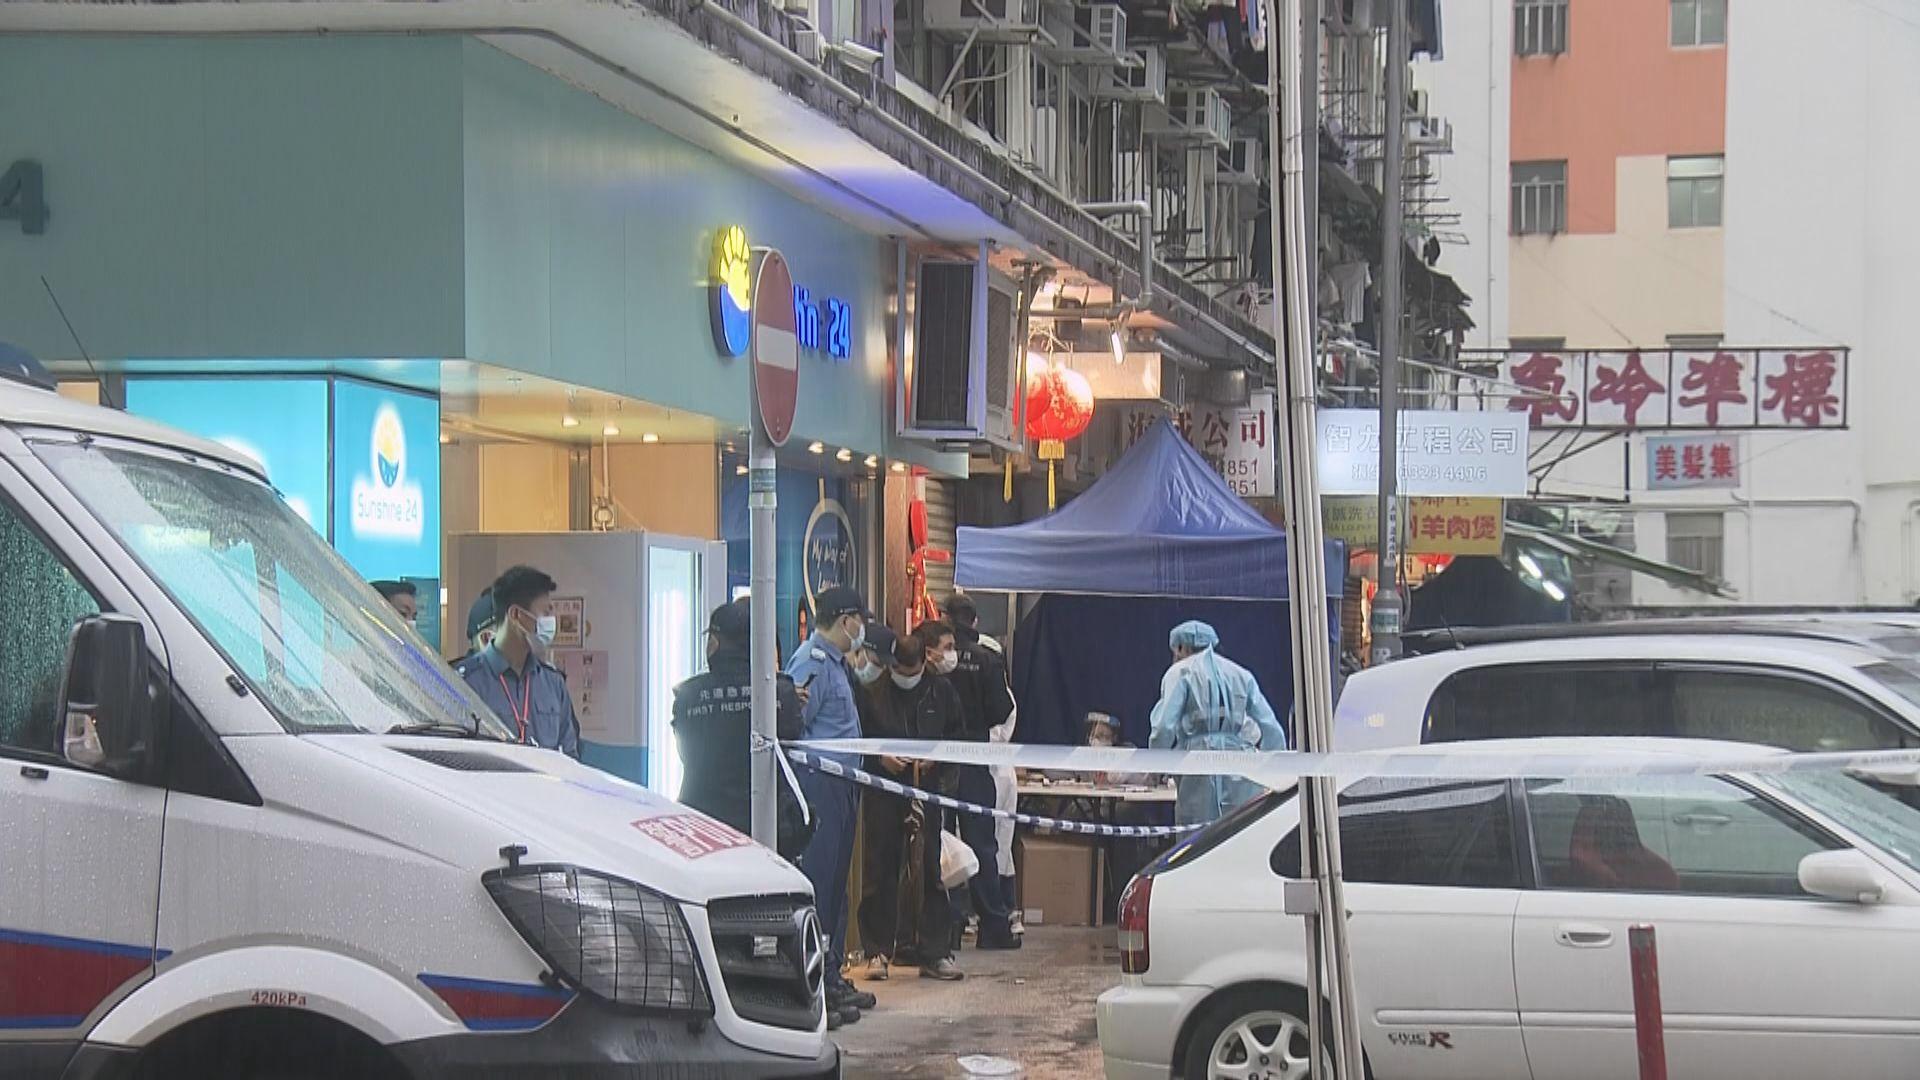 消息:本港新增少於20宗新冠病毒確診個案